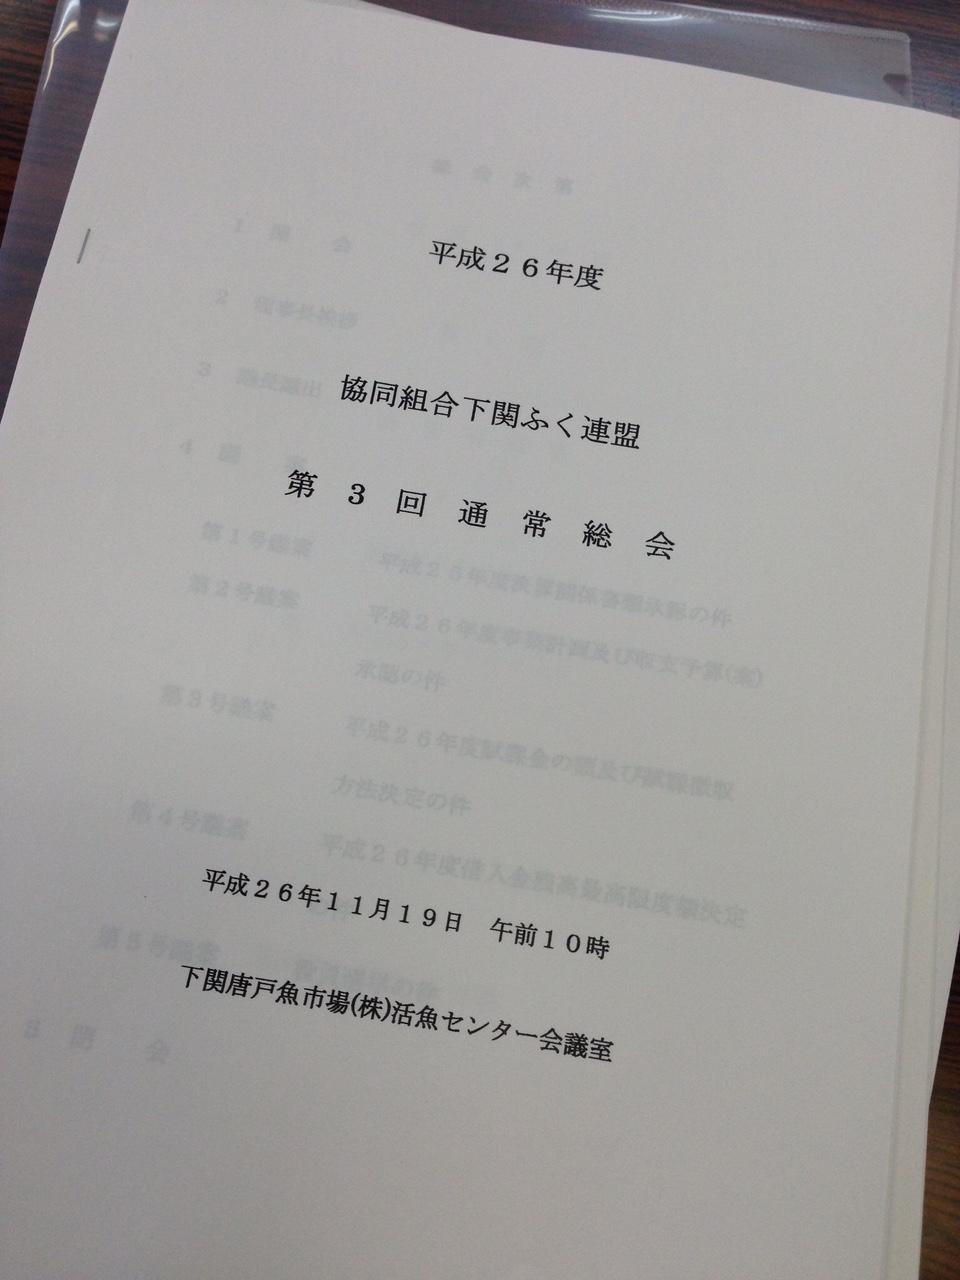 ふく輸出組合総会・ふく輸入組合総会・下関ふく連盟総会のメイン画像